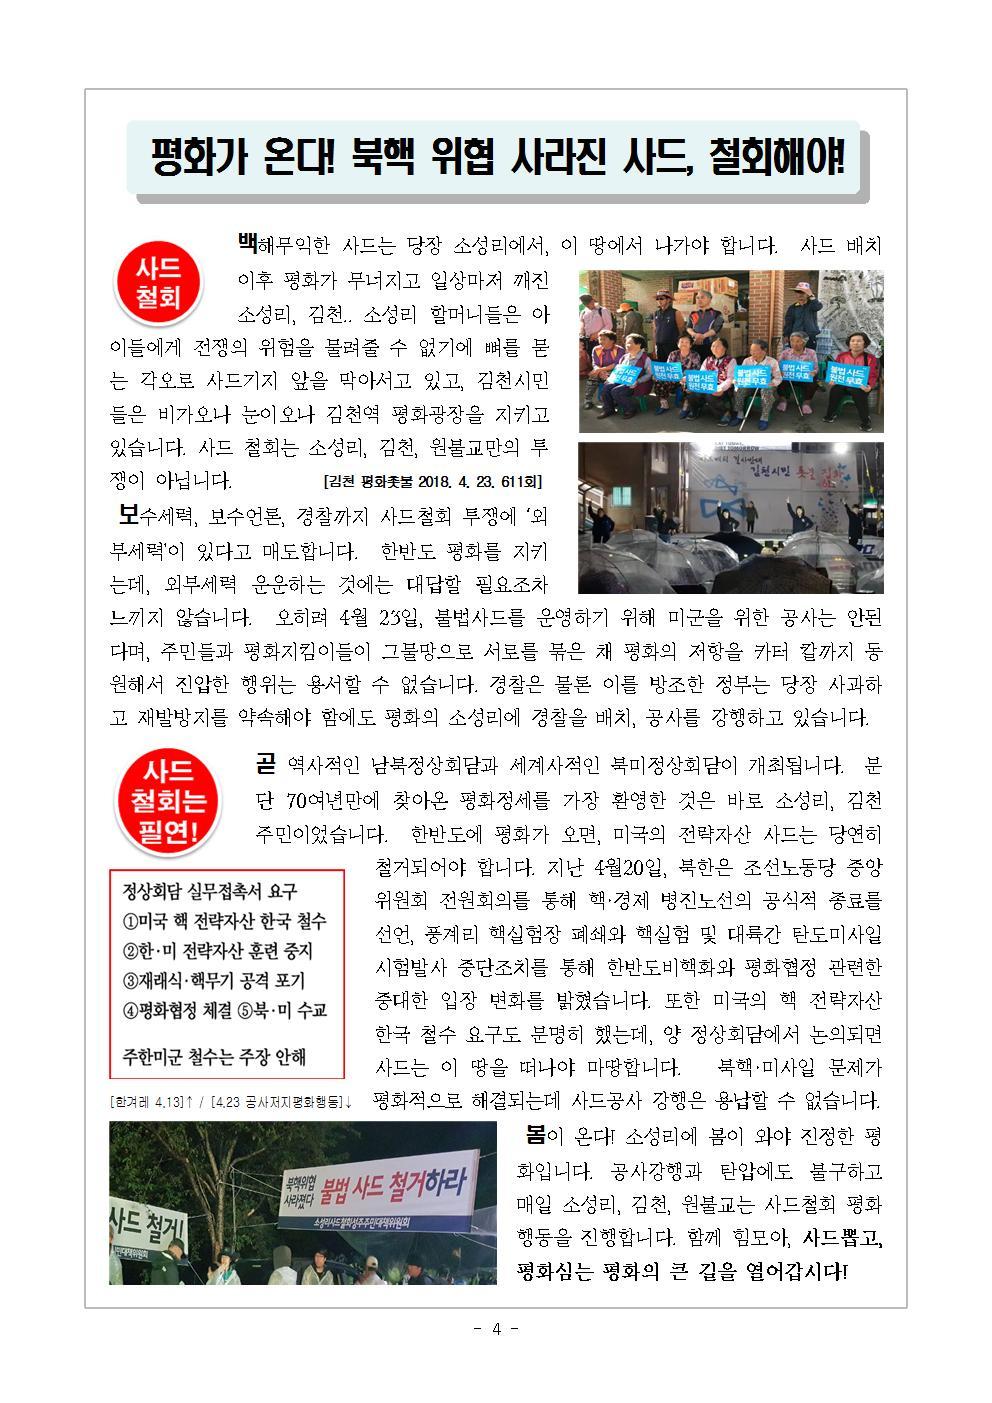 [2018 교육지-6] 사드 한국배치 철회하라004.jpg